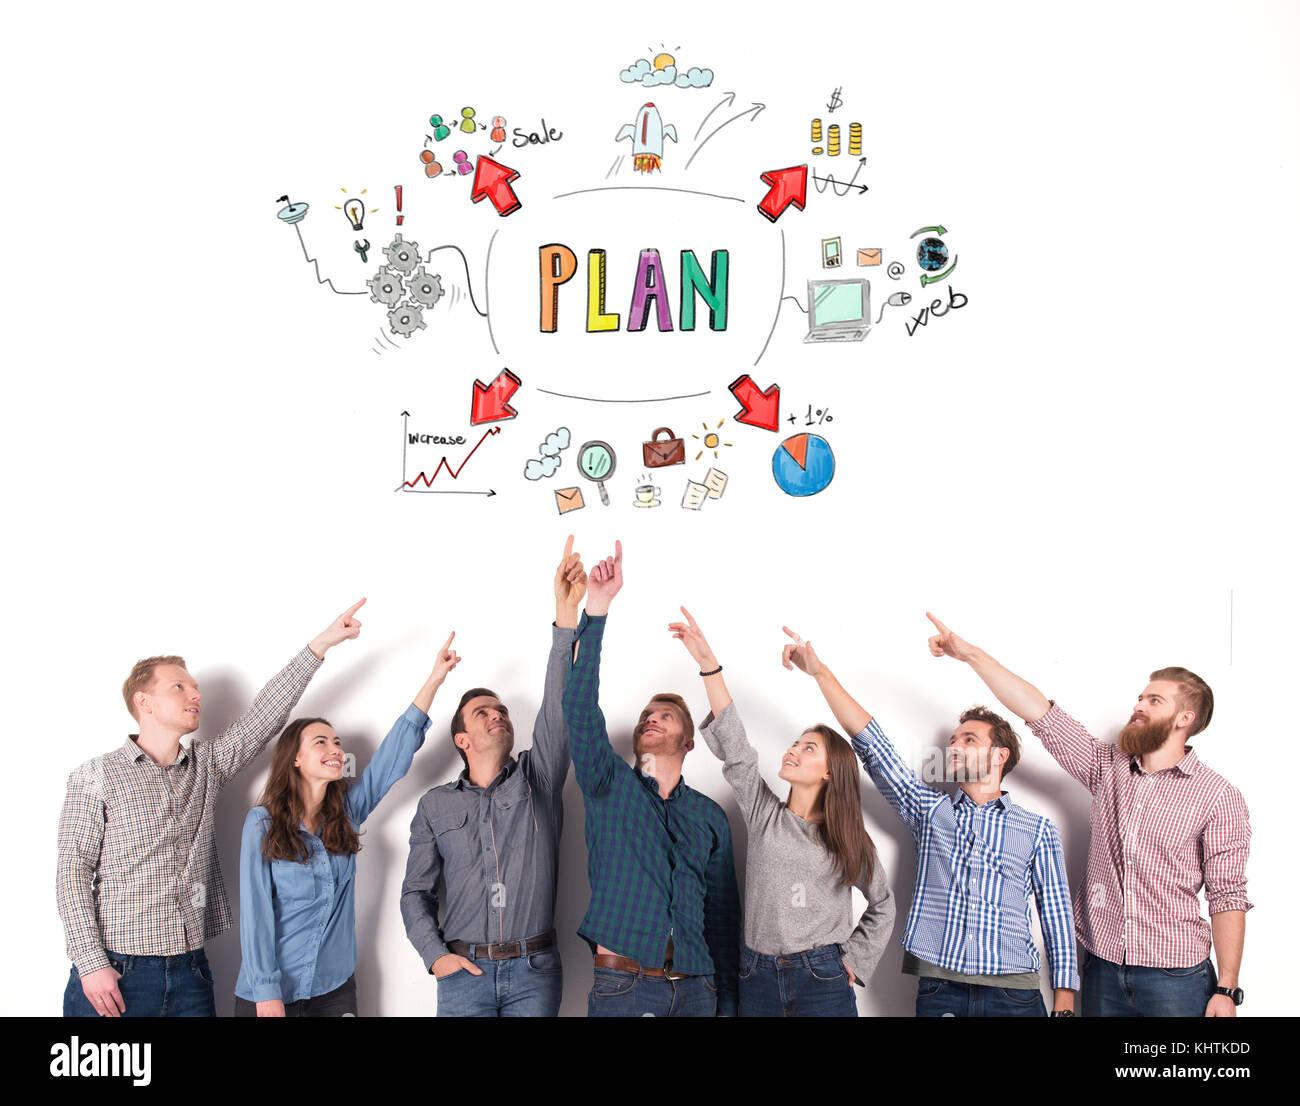 Equipo empresarial indican un proyecto empresarial. Concepto de idea creativa y trabajo en equipo Imagen De Stock